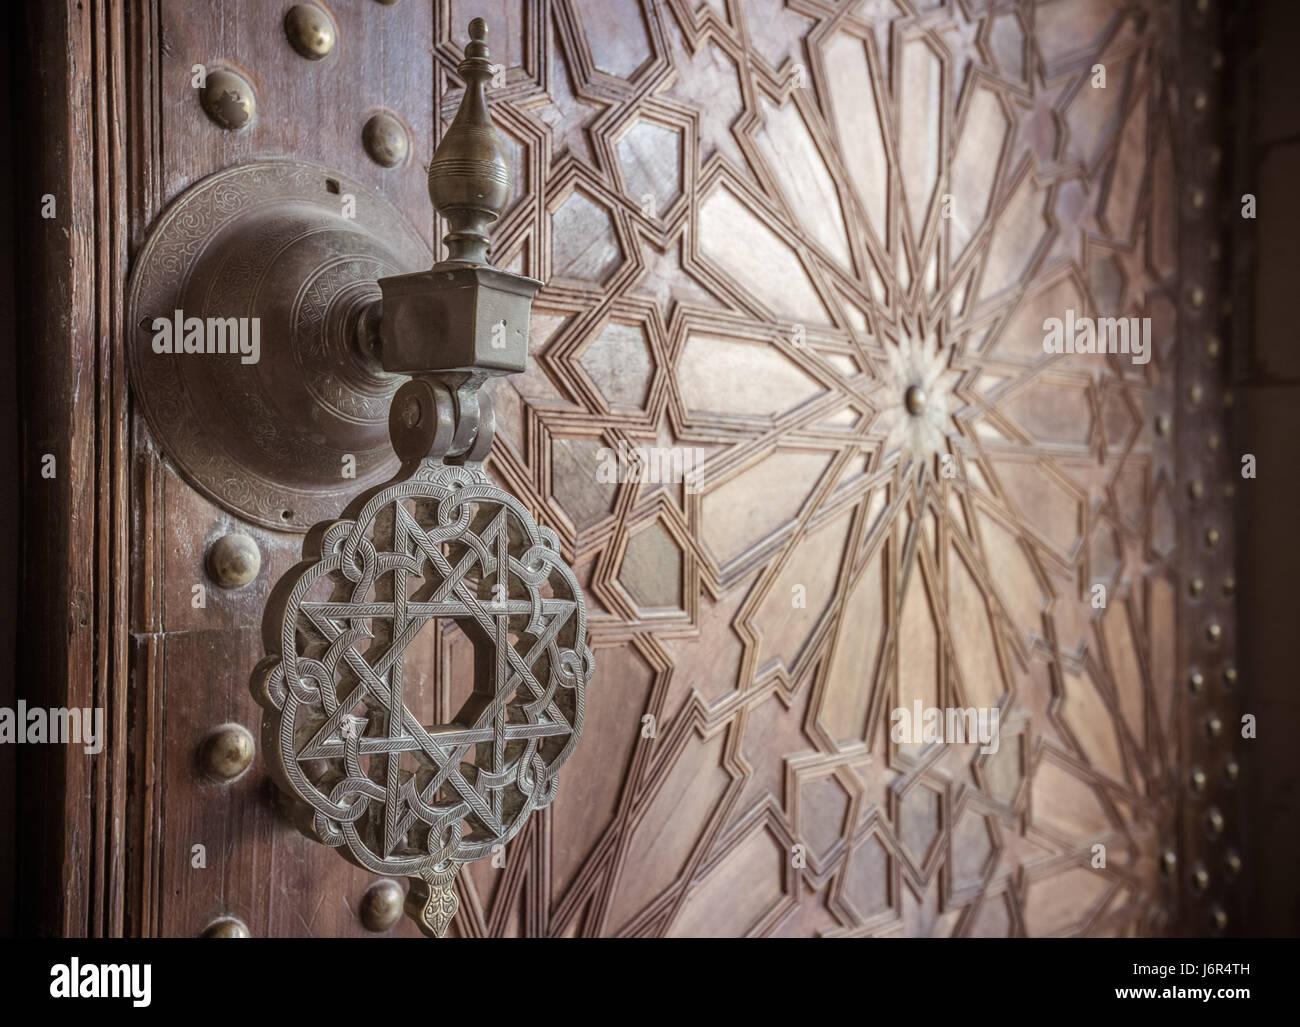 Ancient moroccan doors - Stock Image - Antique Moroccan Wood Art Stock Photos & Antique Moroccan Wood Art